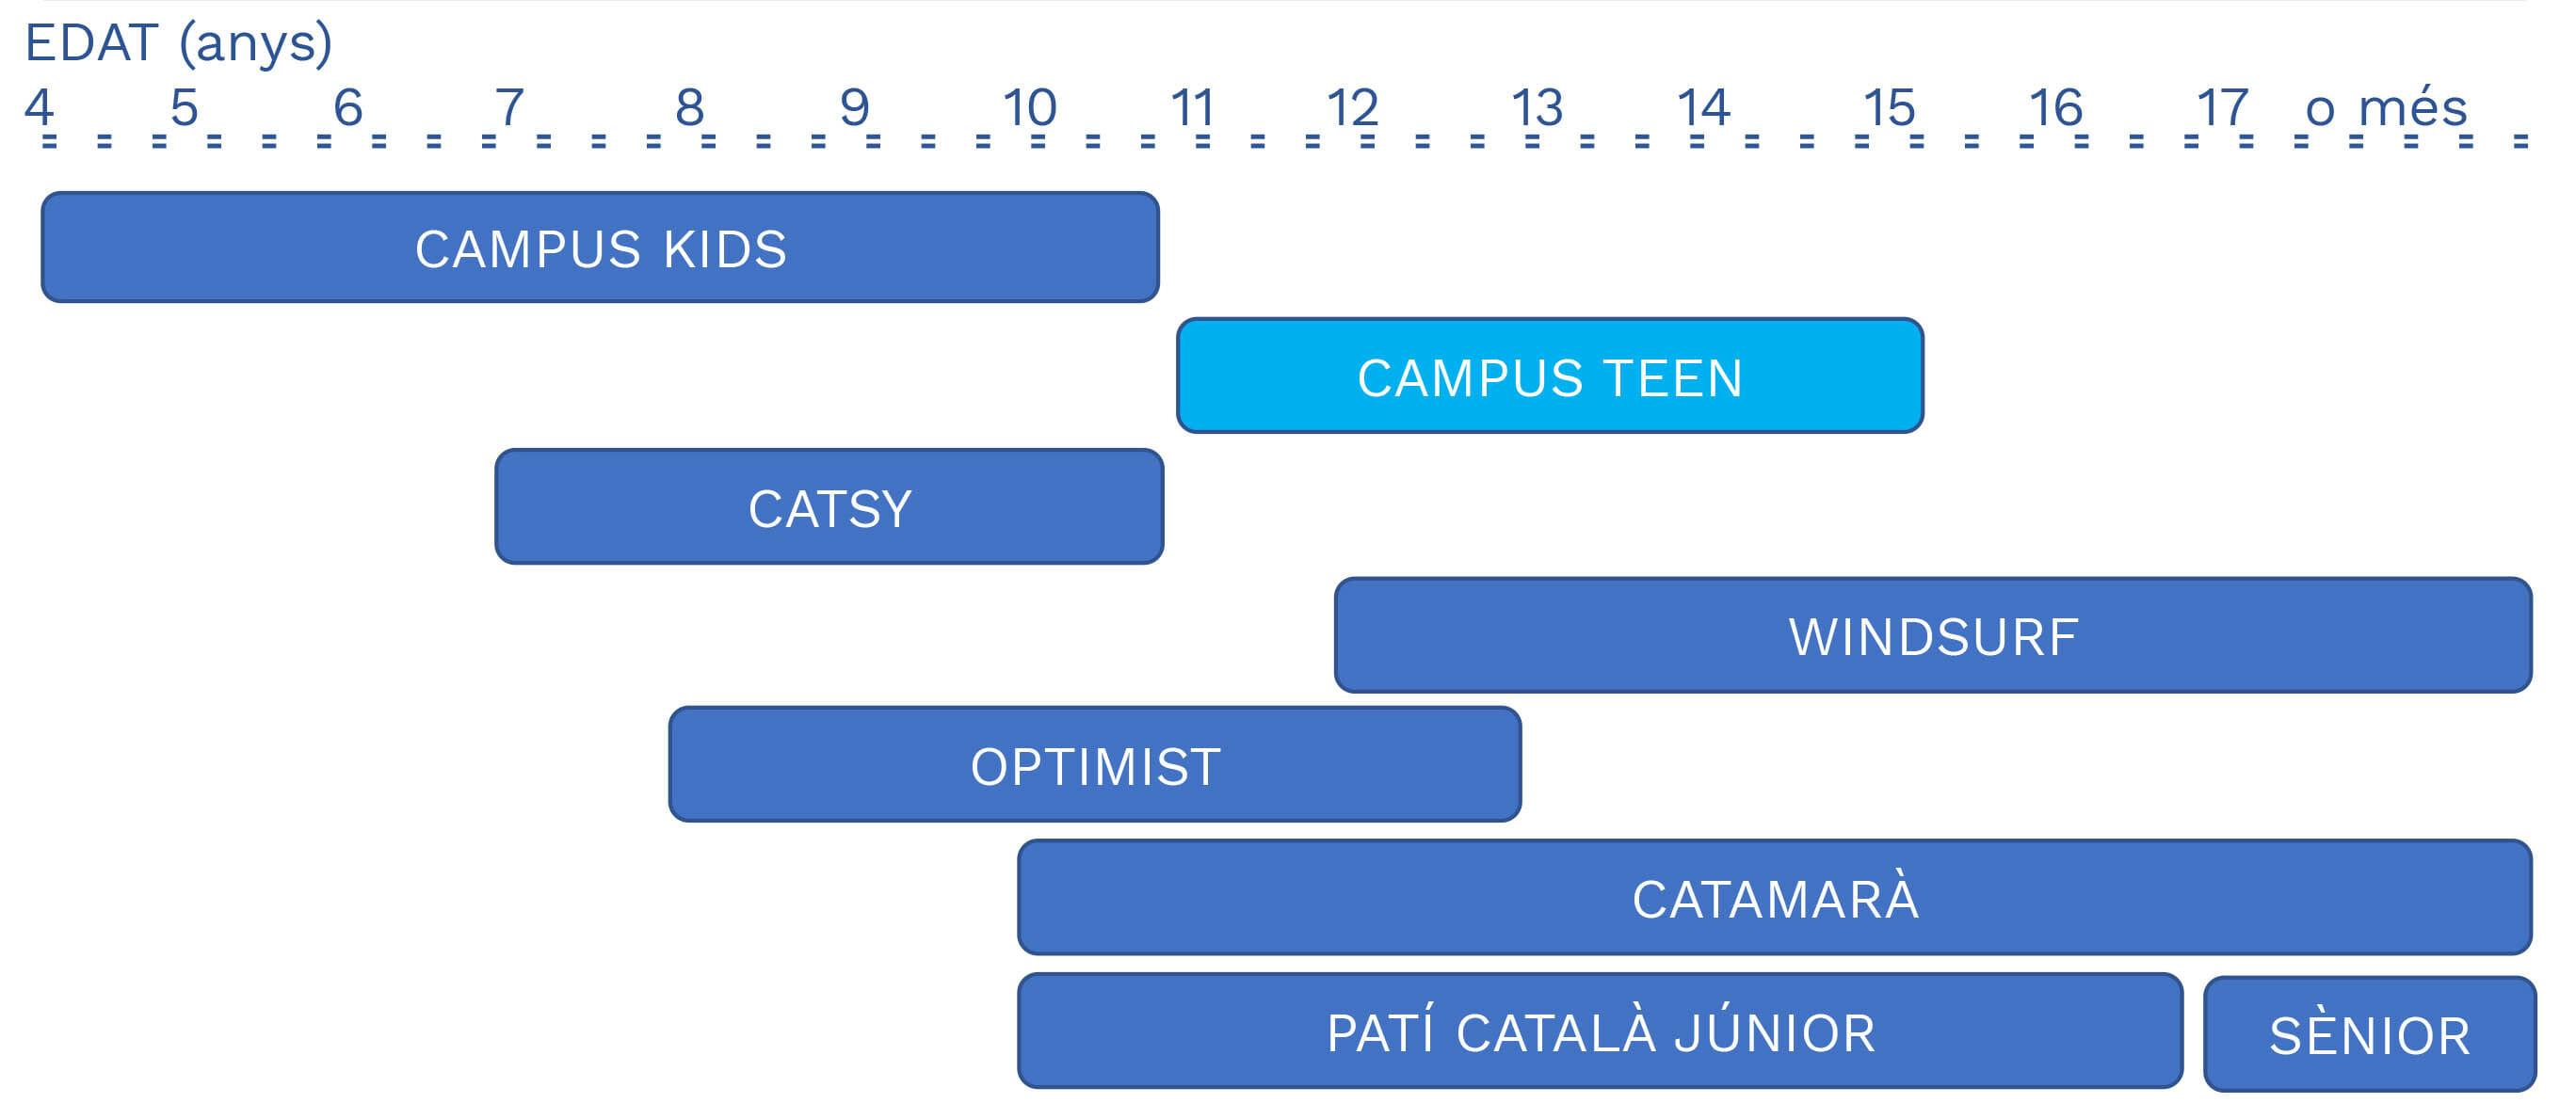 cursos i activitats d'estiu per edats